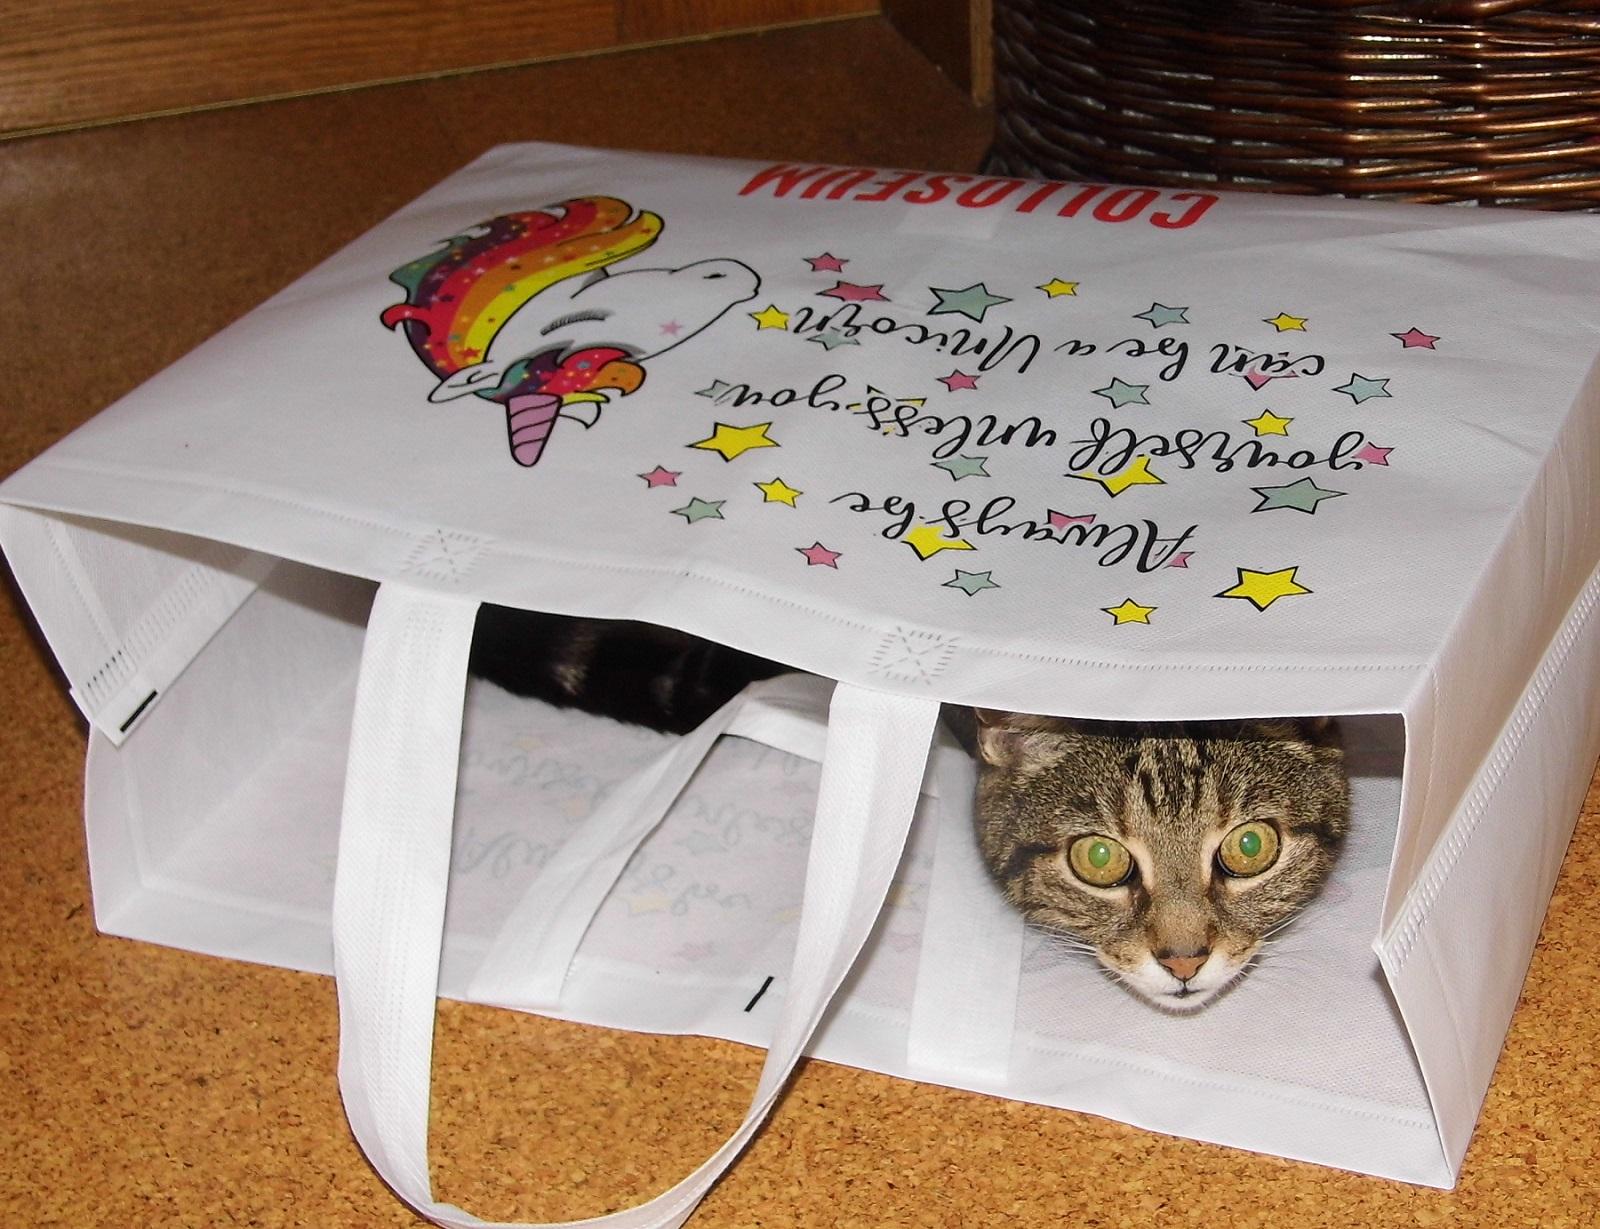 Foto: Die Katze im Sack kaufen? -Voll von gestern! (Oder: Schon wieder ein Katzenbild)